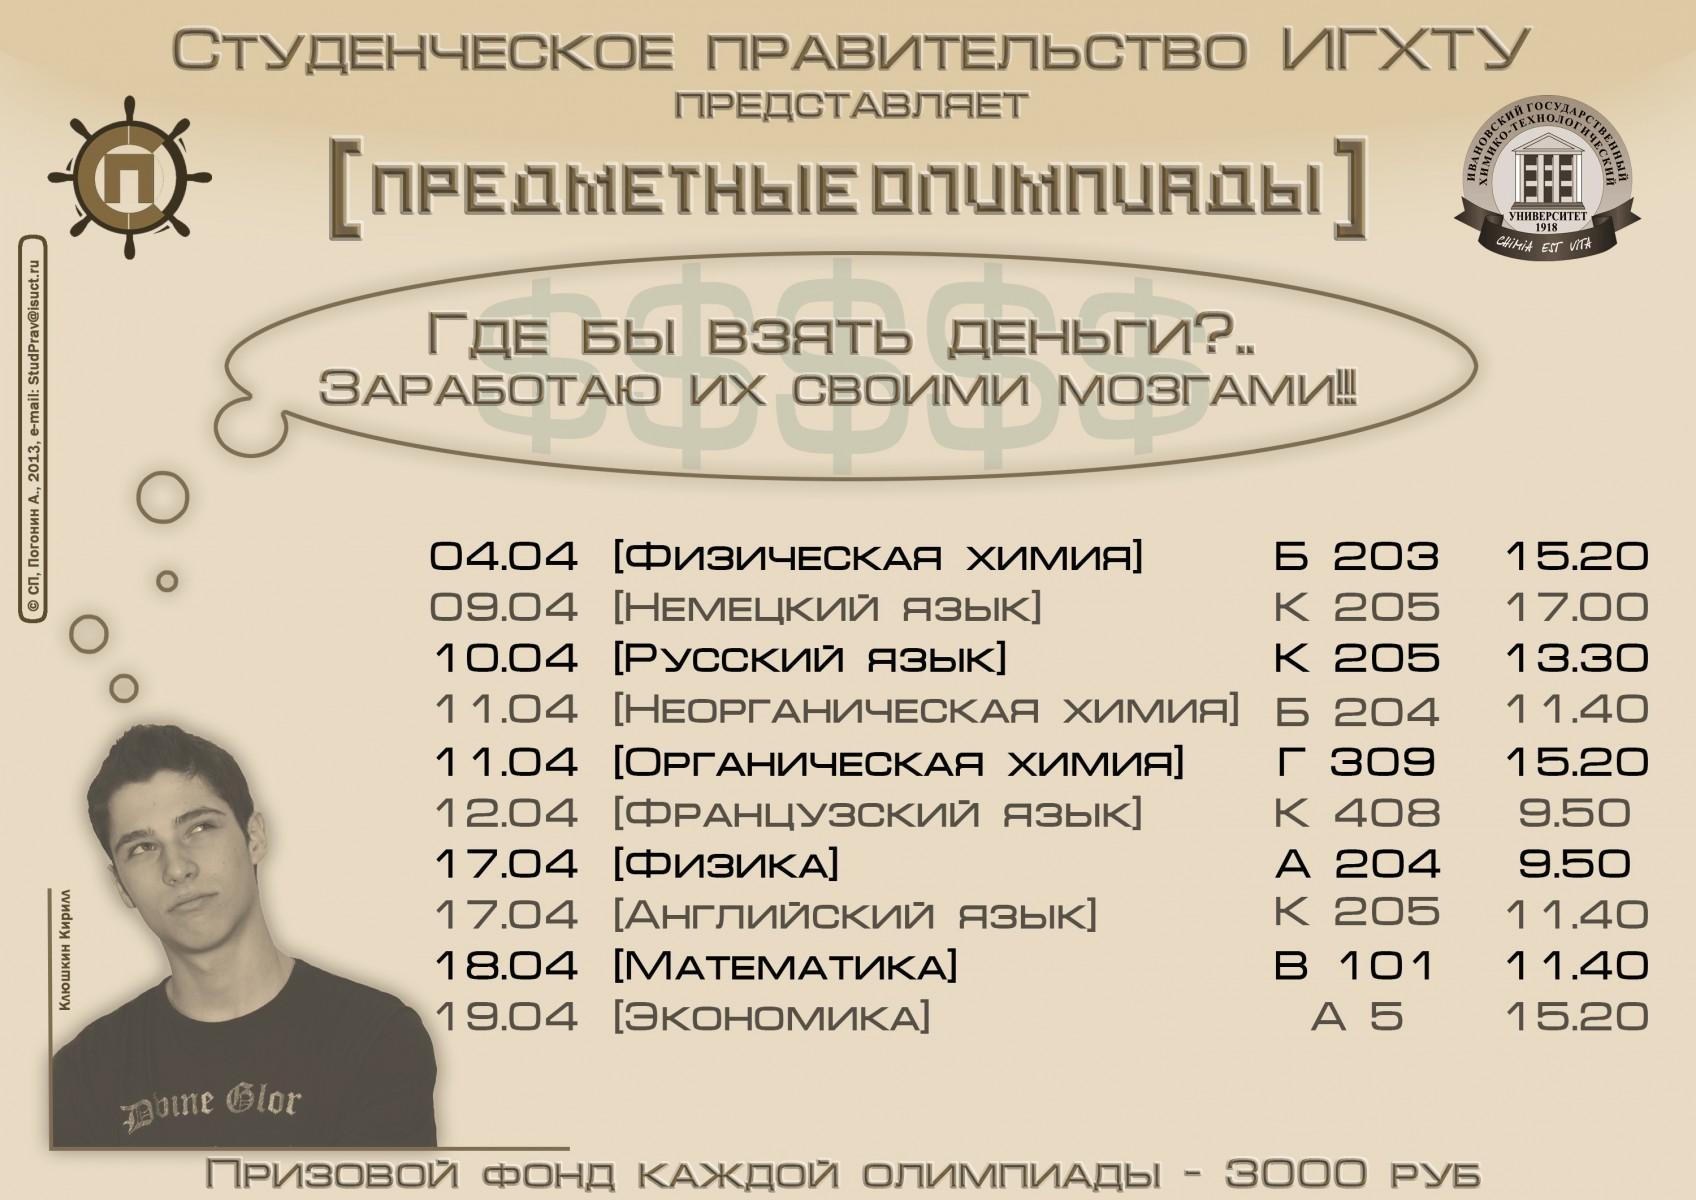 Predmetnye_olimpiady_2013